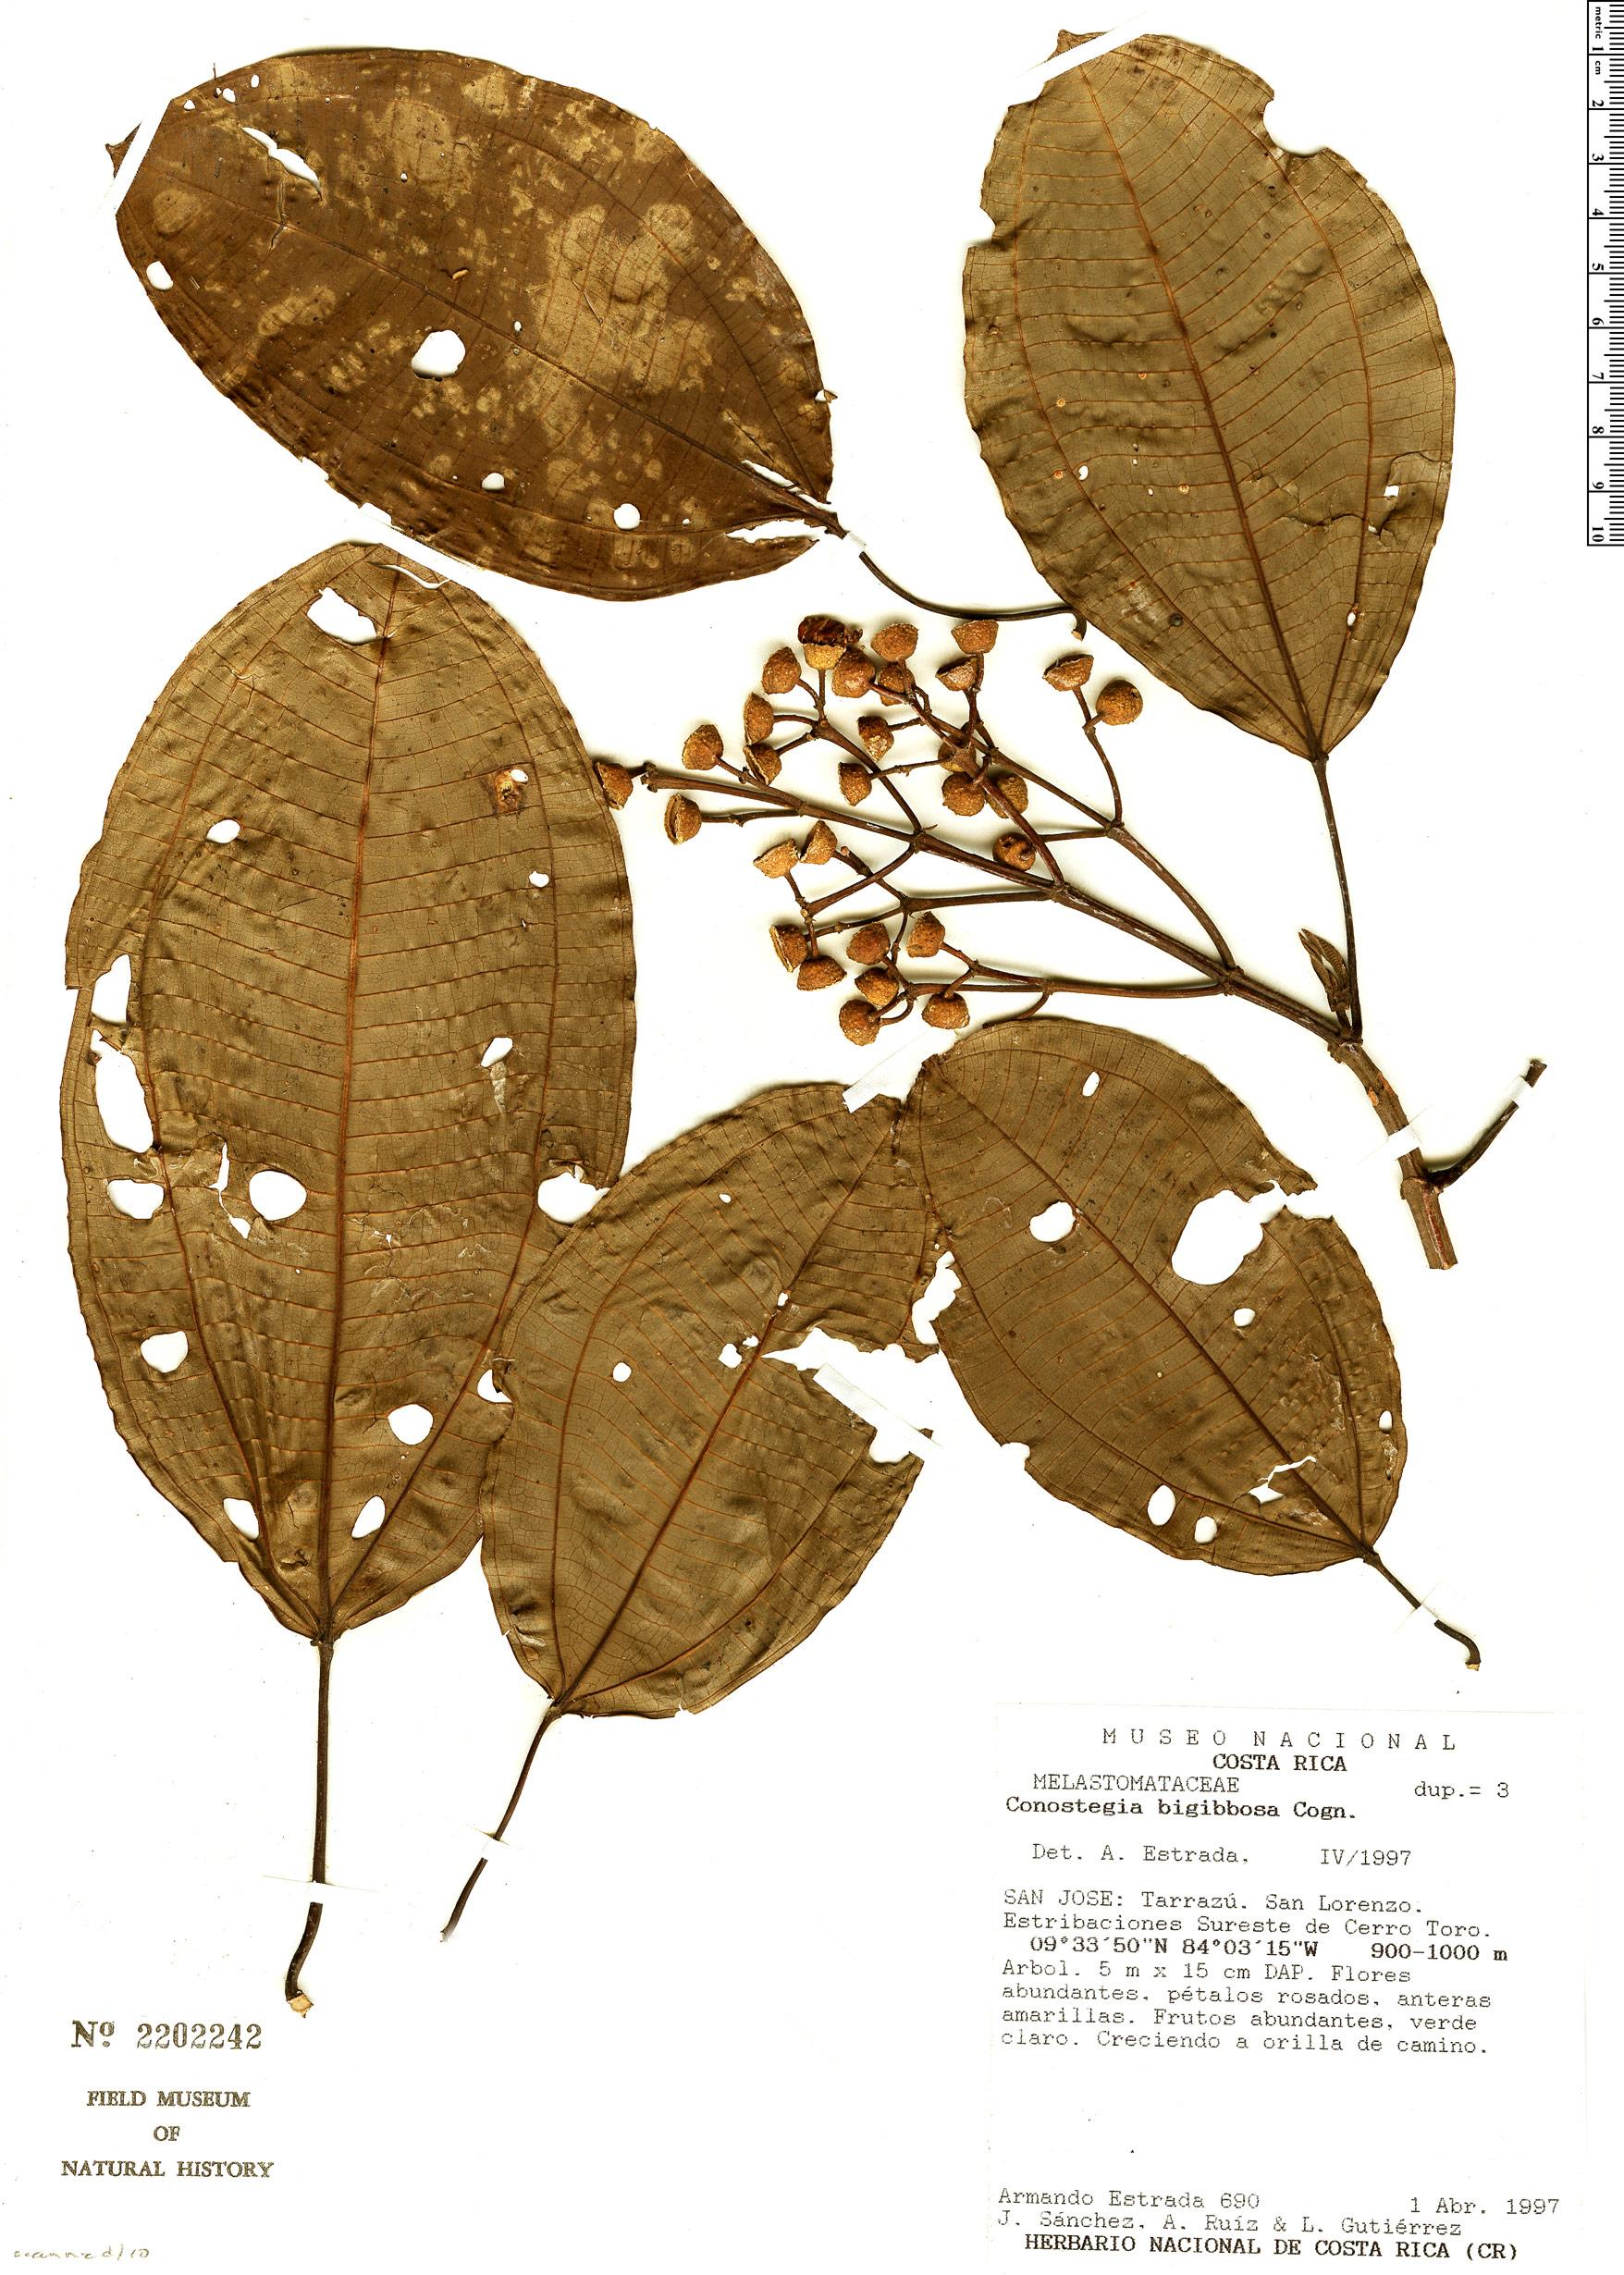 Specimen: Conostegia bigibbosa